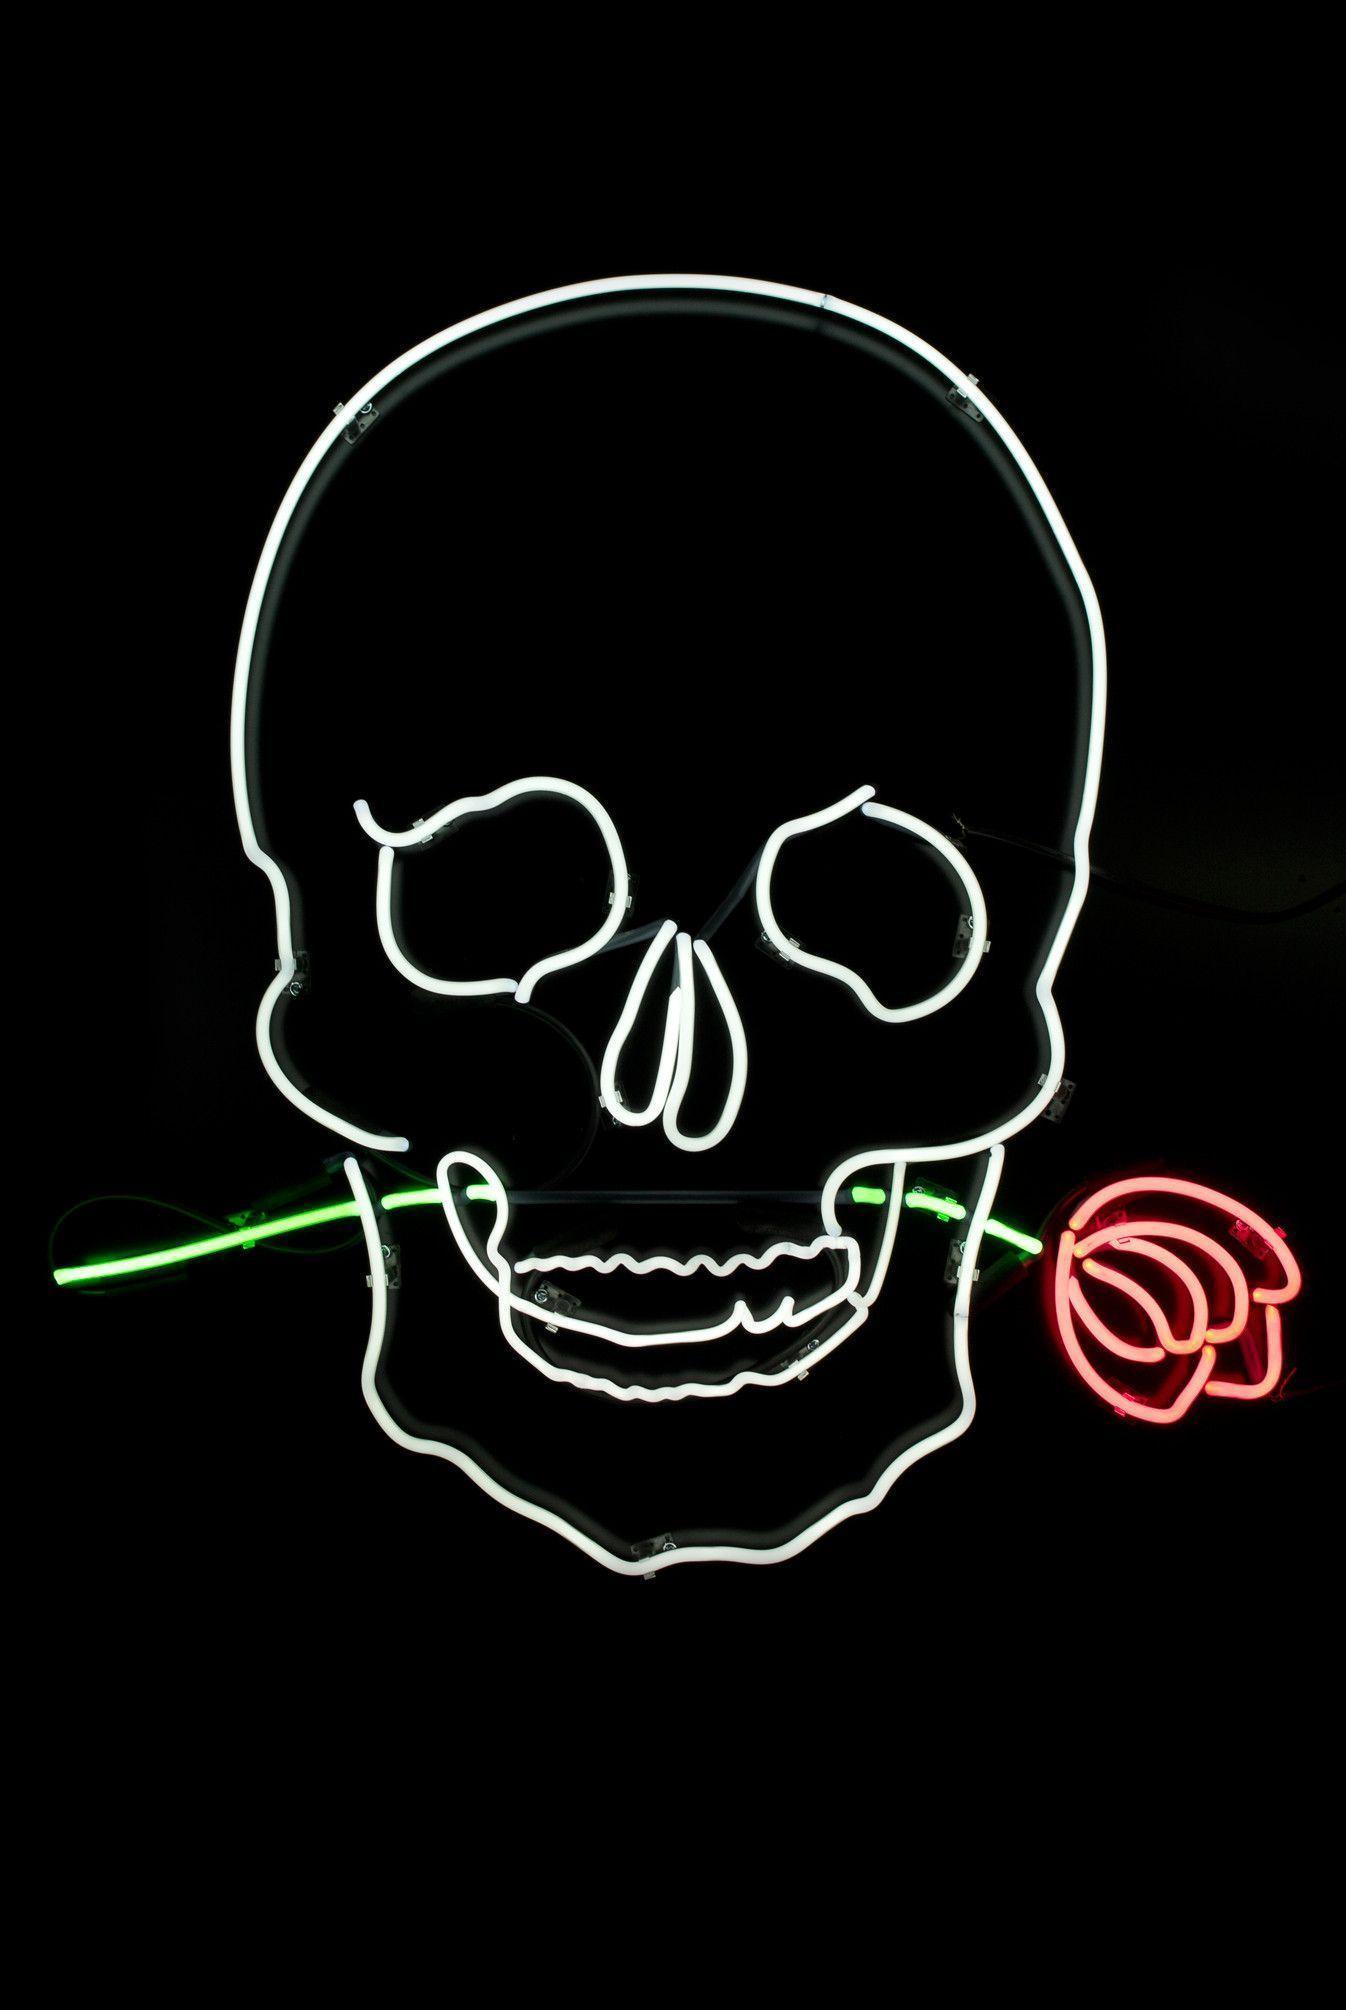 Neon Skull Wallpapers Wallpaper Cave